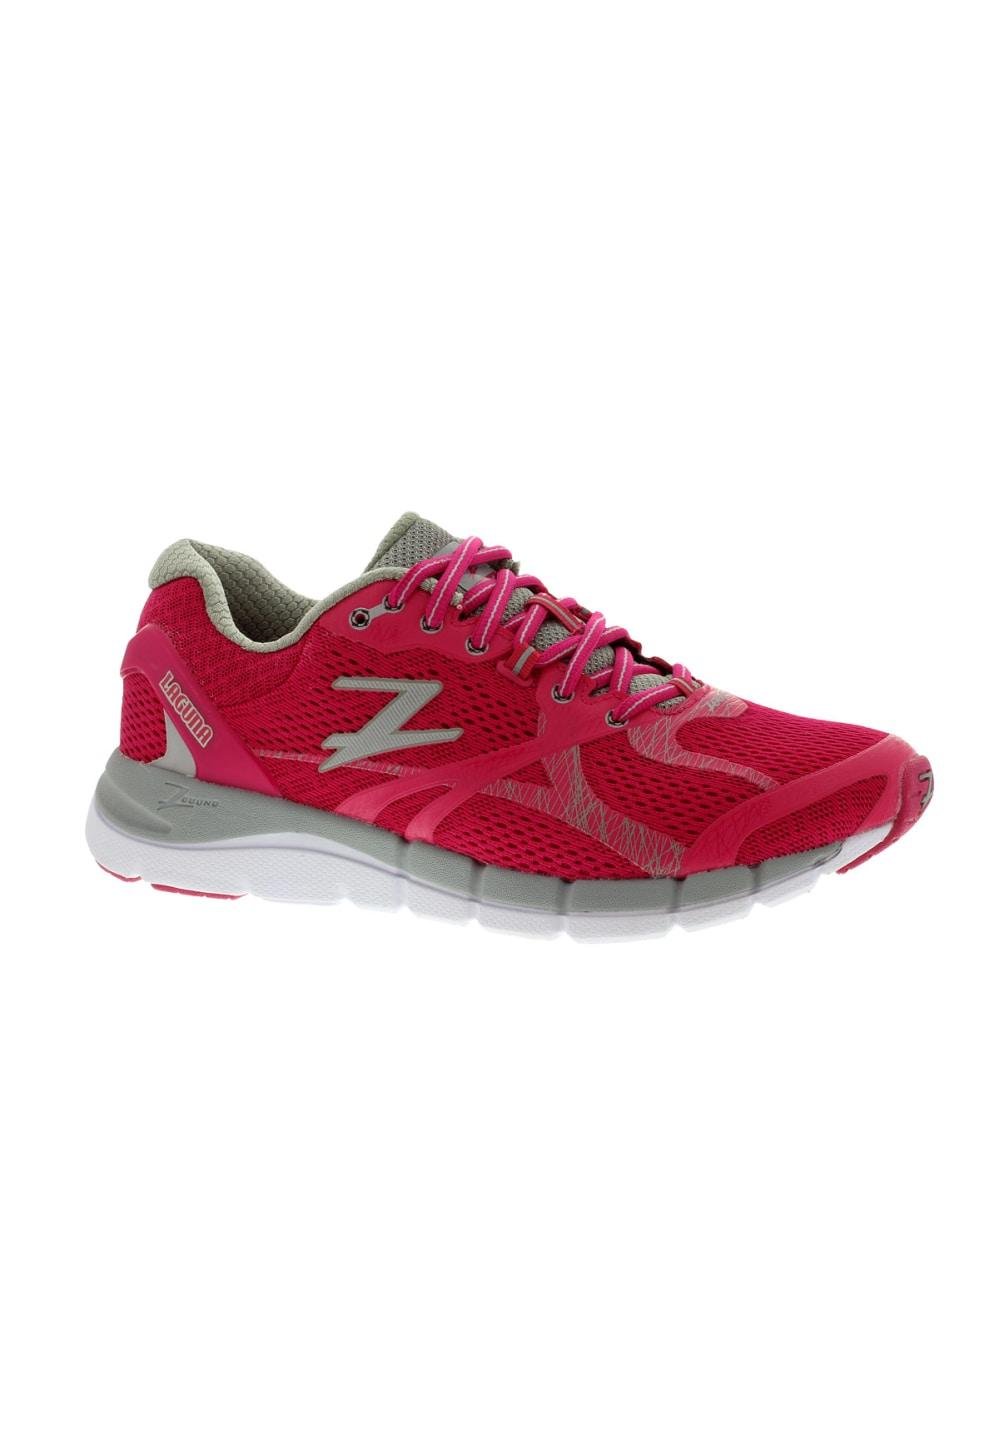 Laguna Chaussures de running Femme